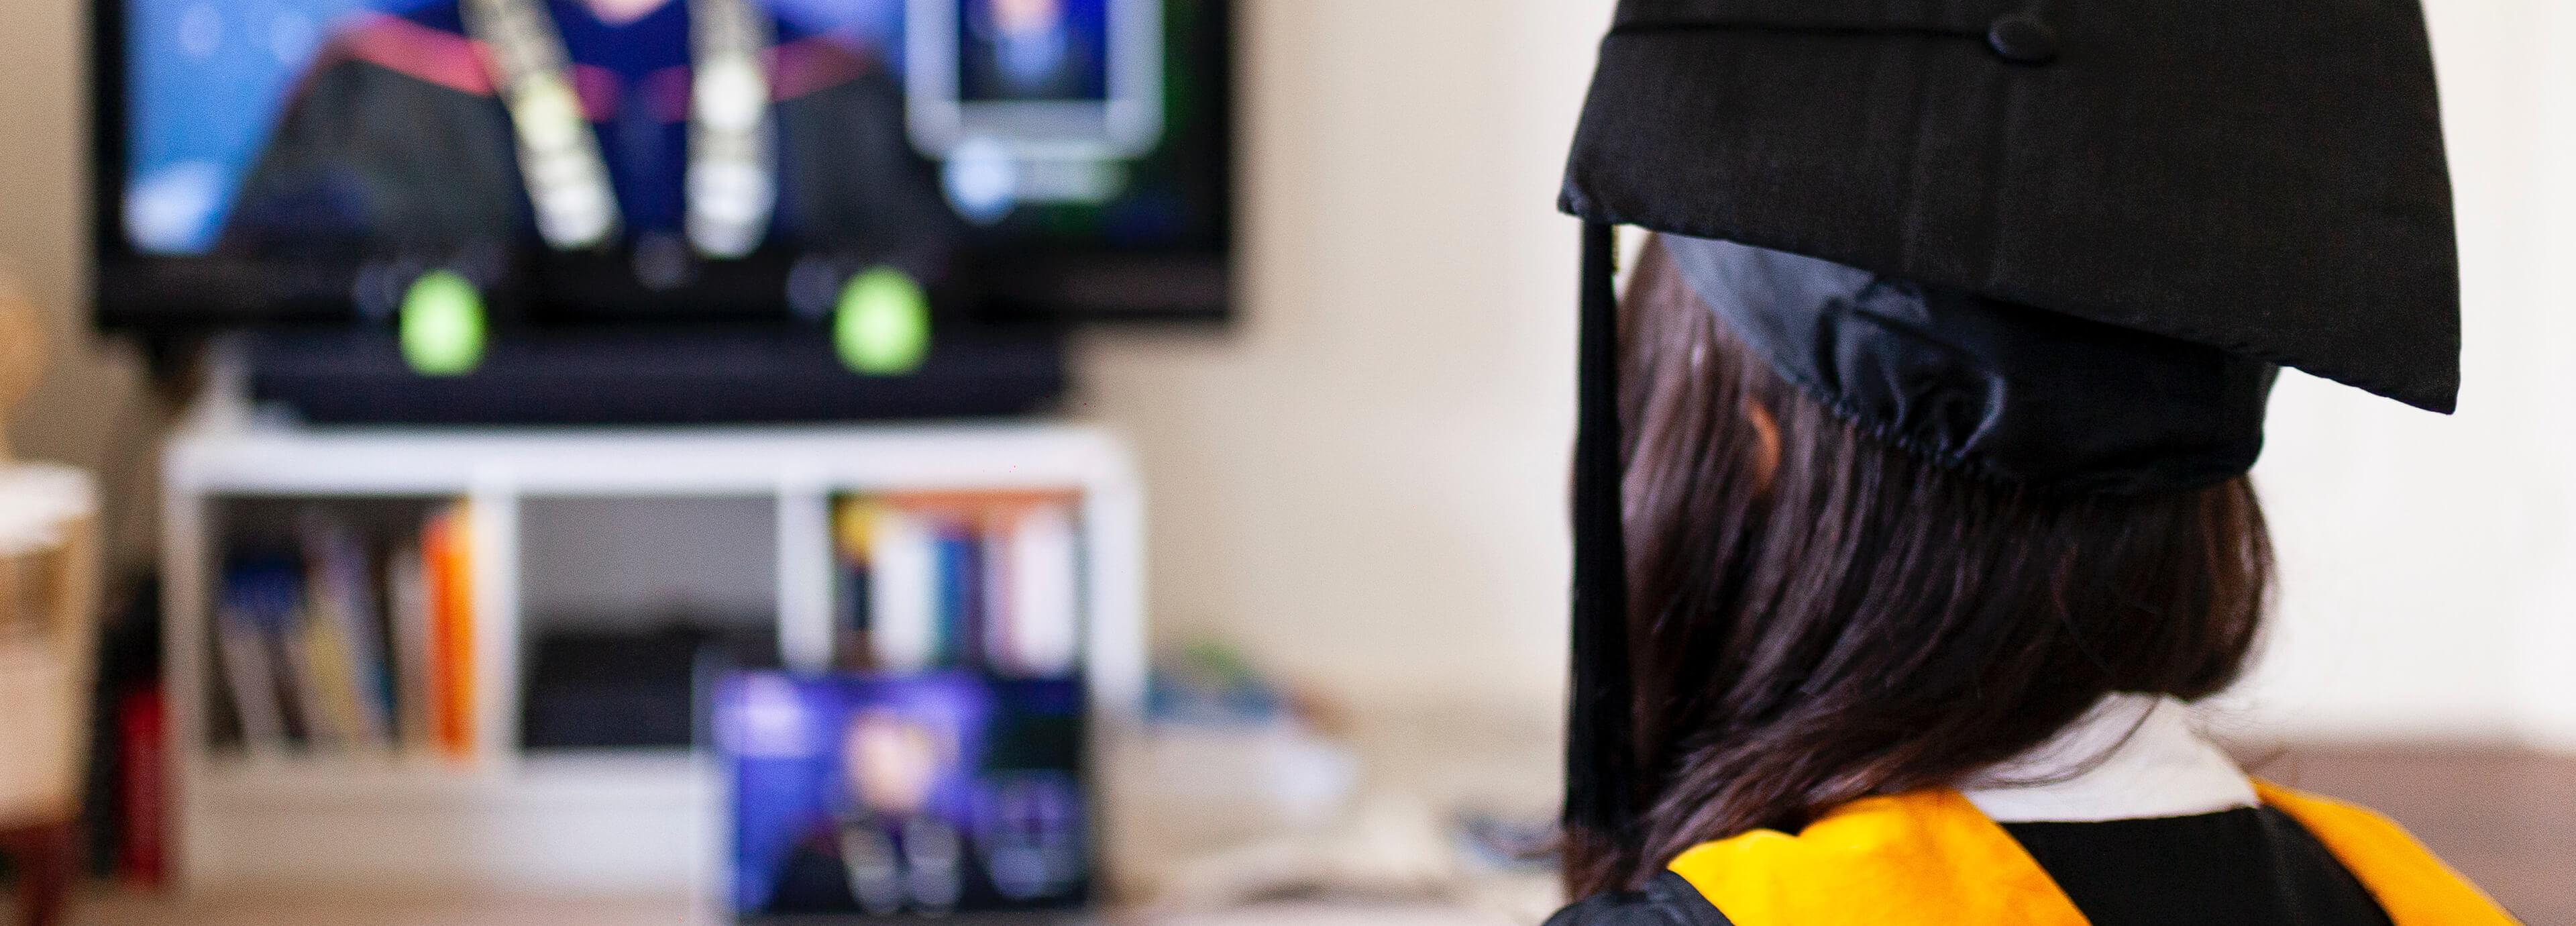 オンライン留学で、海外の語学学校の授業に参加しませんか?